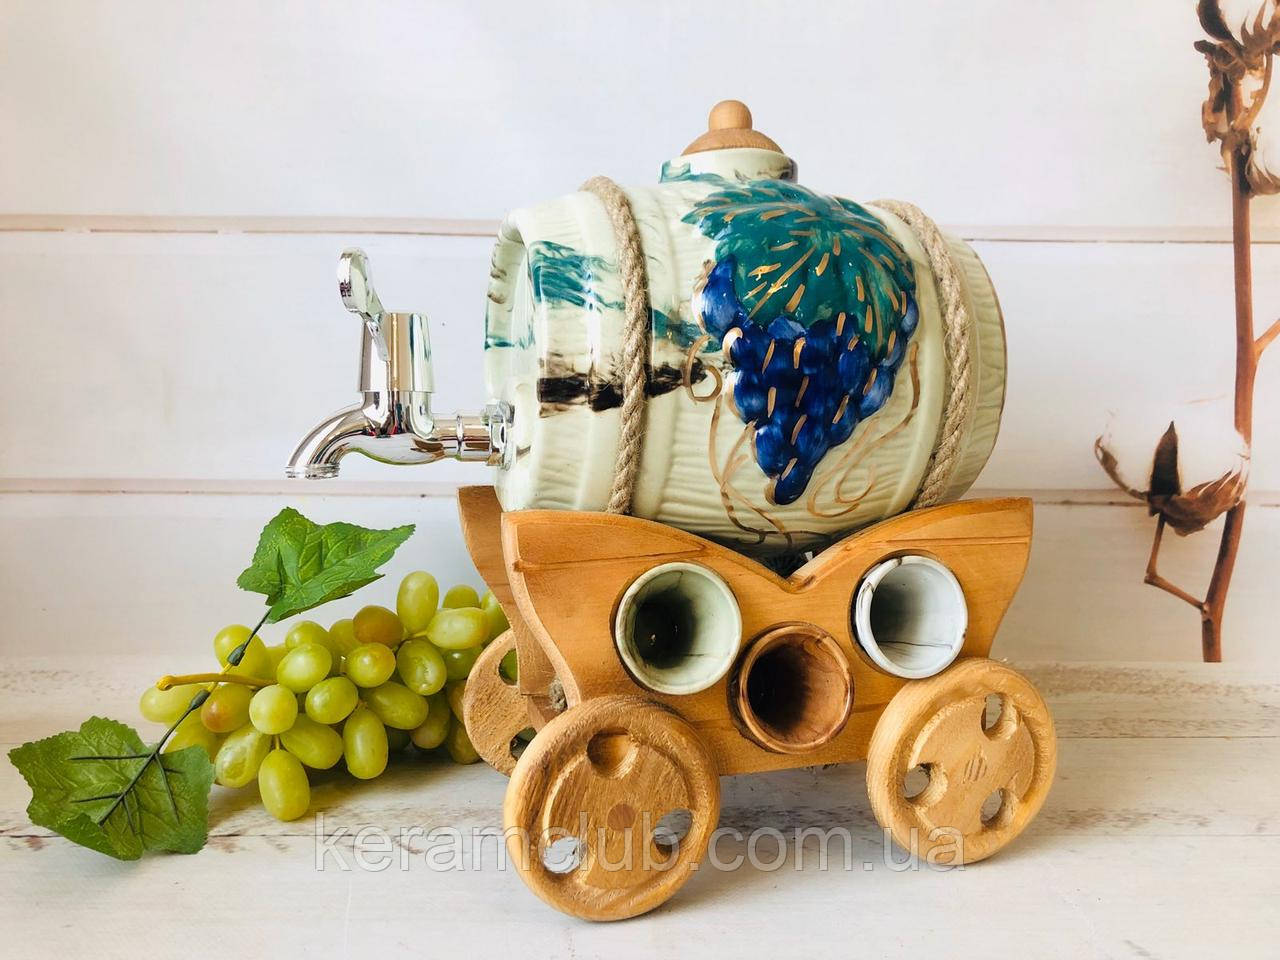 Набор под спиртное керамический Бочонок и 6 рюмок на деревянной телеге